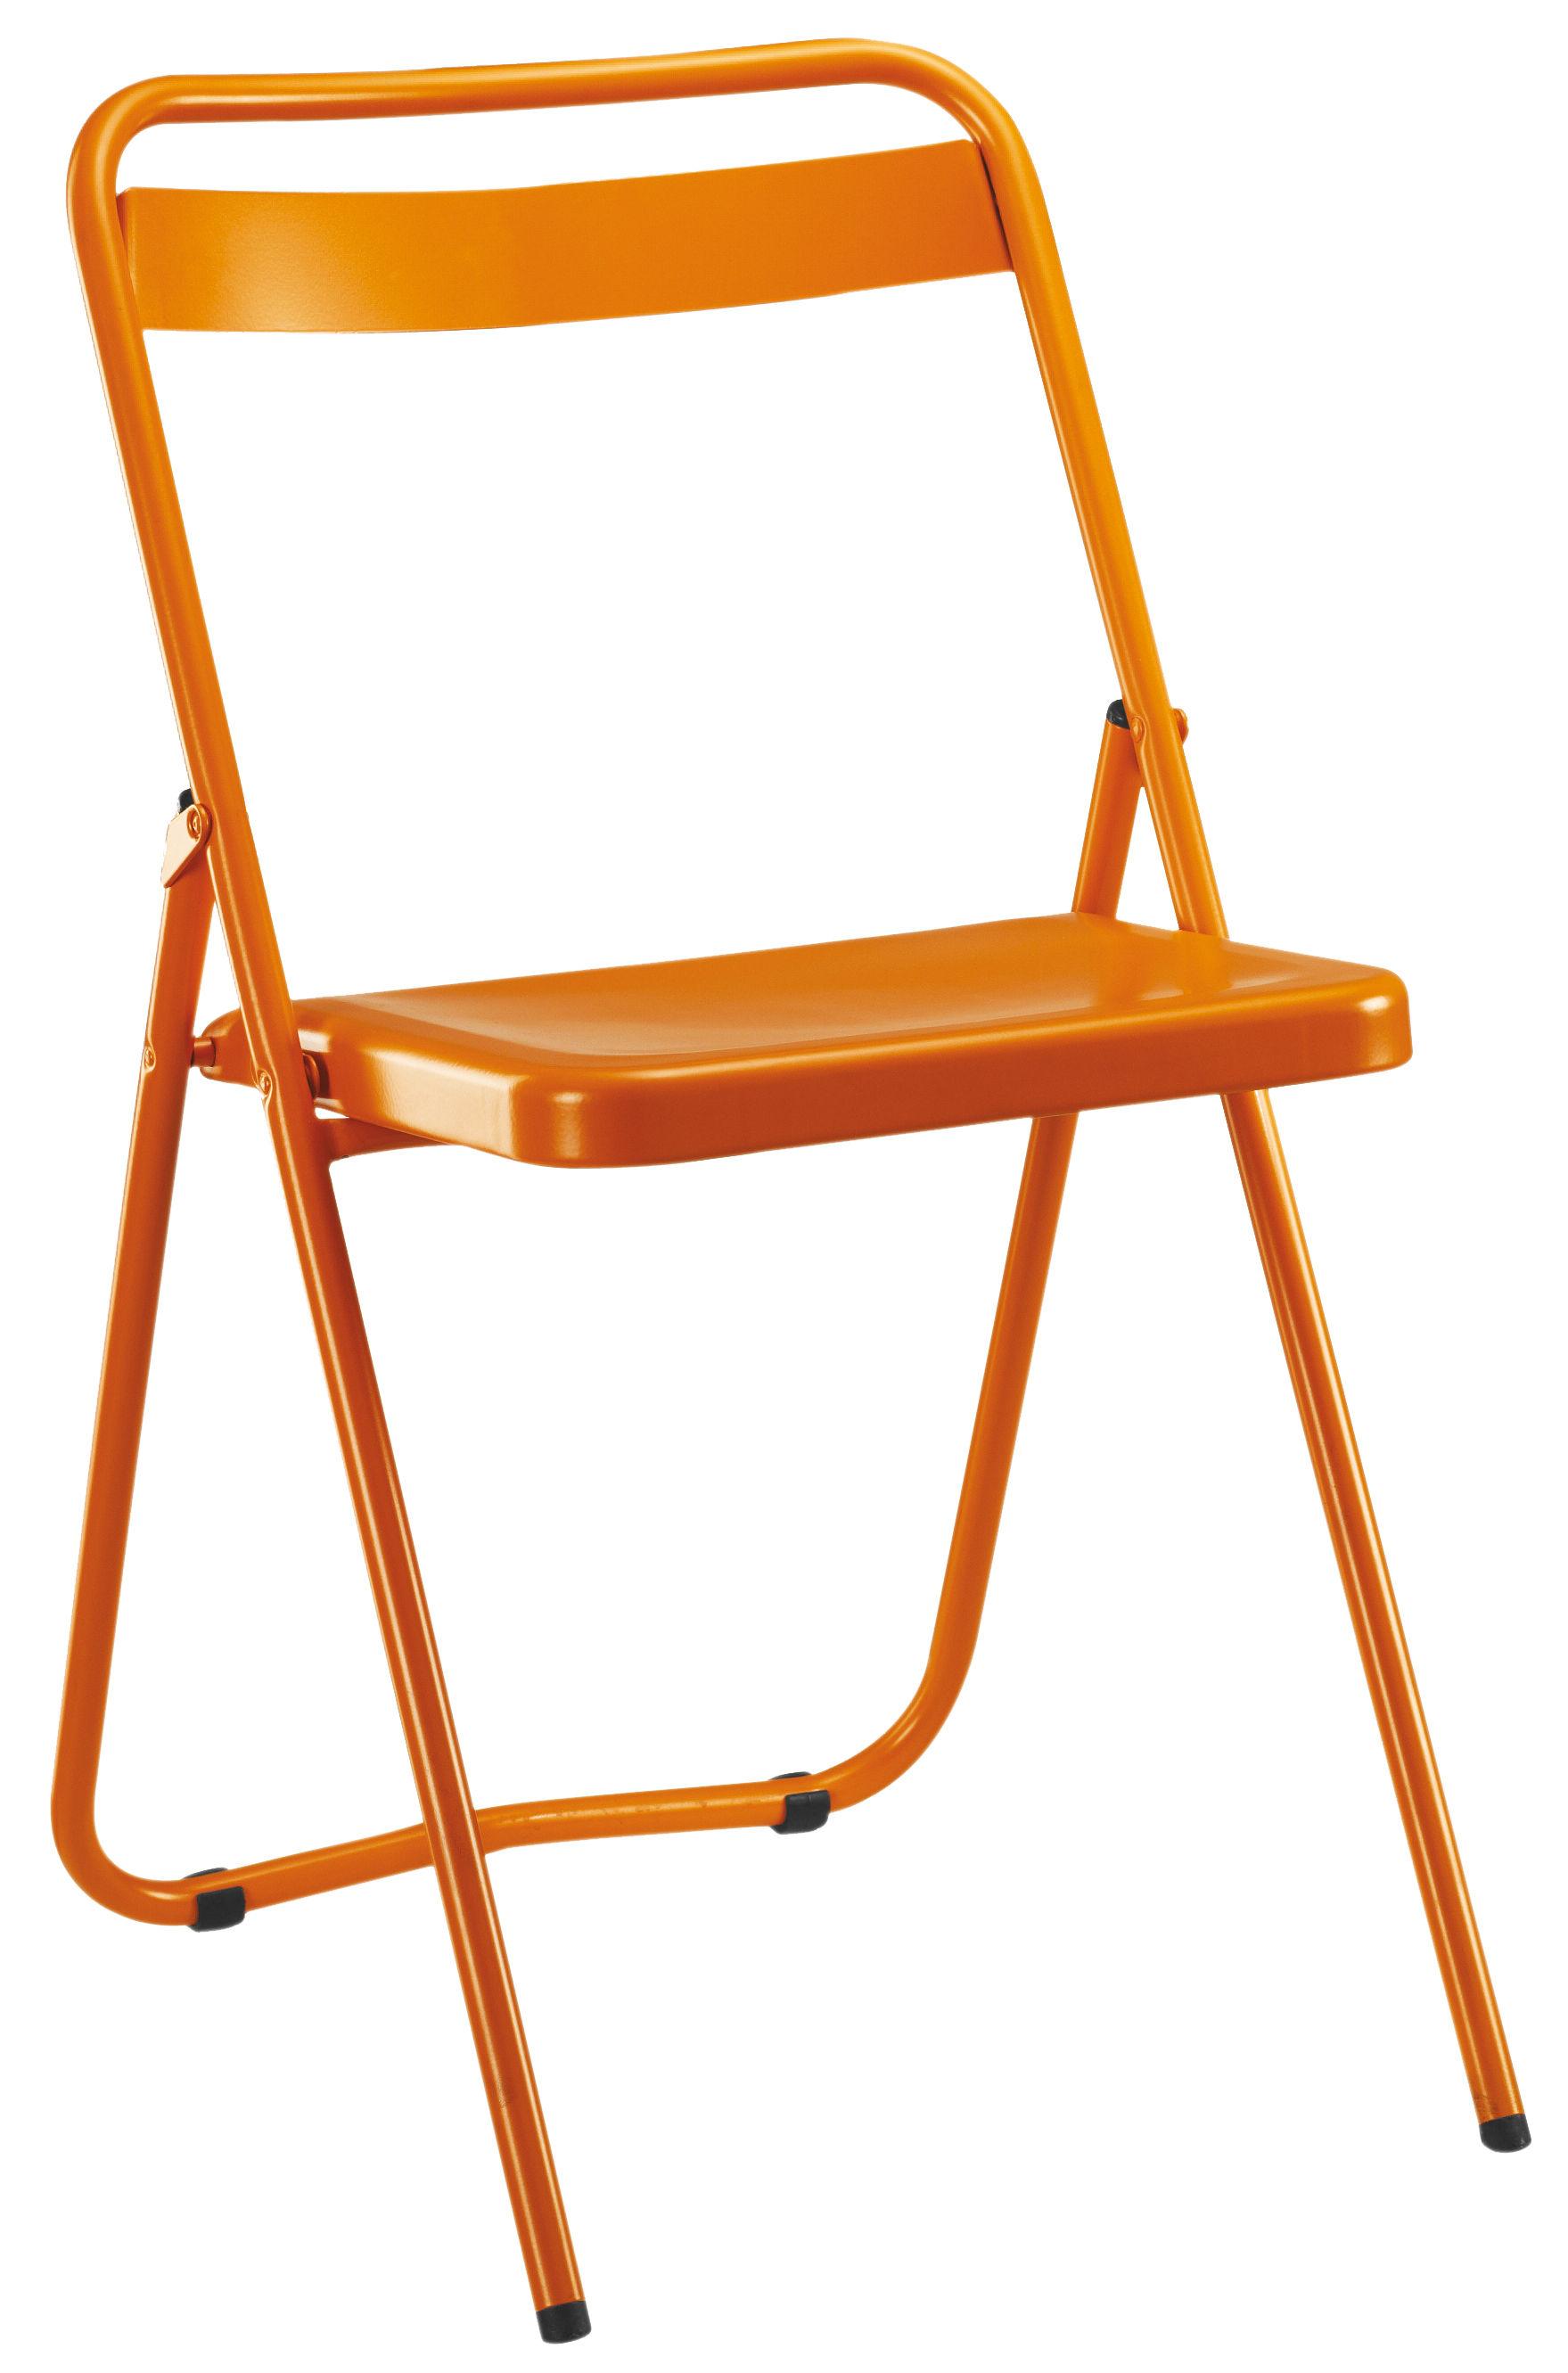 chaise pliante ds n 7 acier peint orange souvignet design. Black Bedroom Furniture Sets. Home Design Ideas